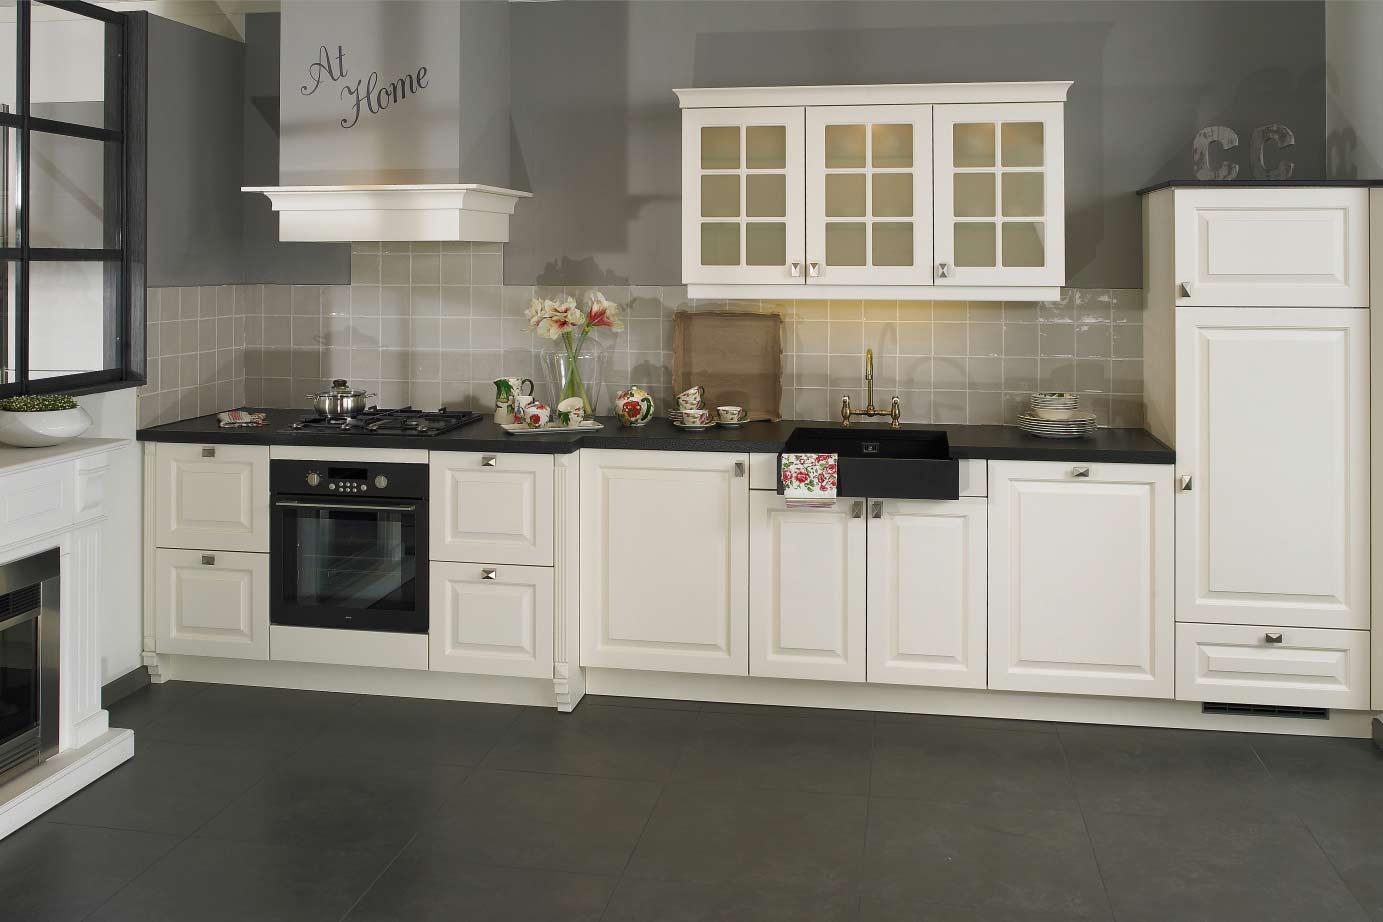 Keukenrenovatie Gieten : De afmetingen van de keuken driehoek Maak uw keuken